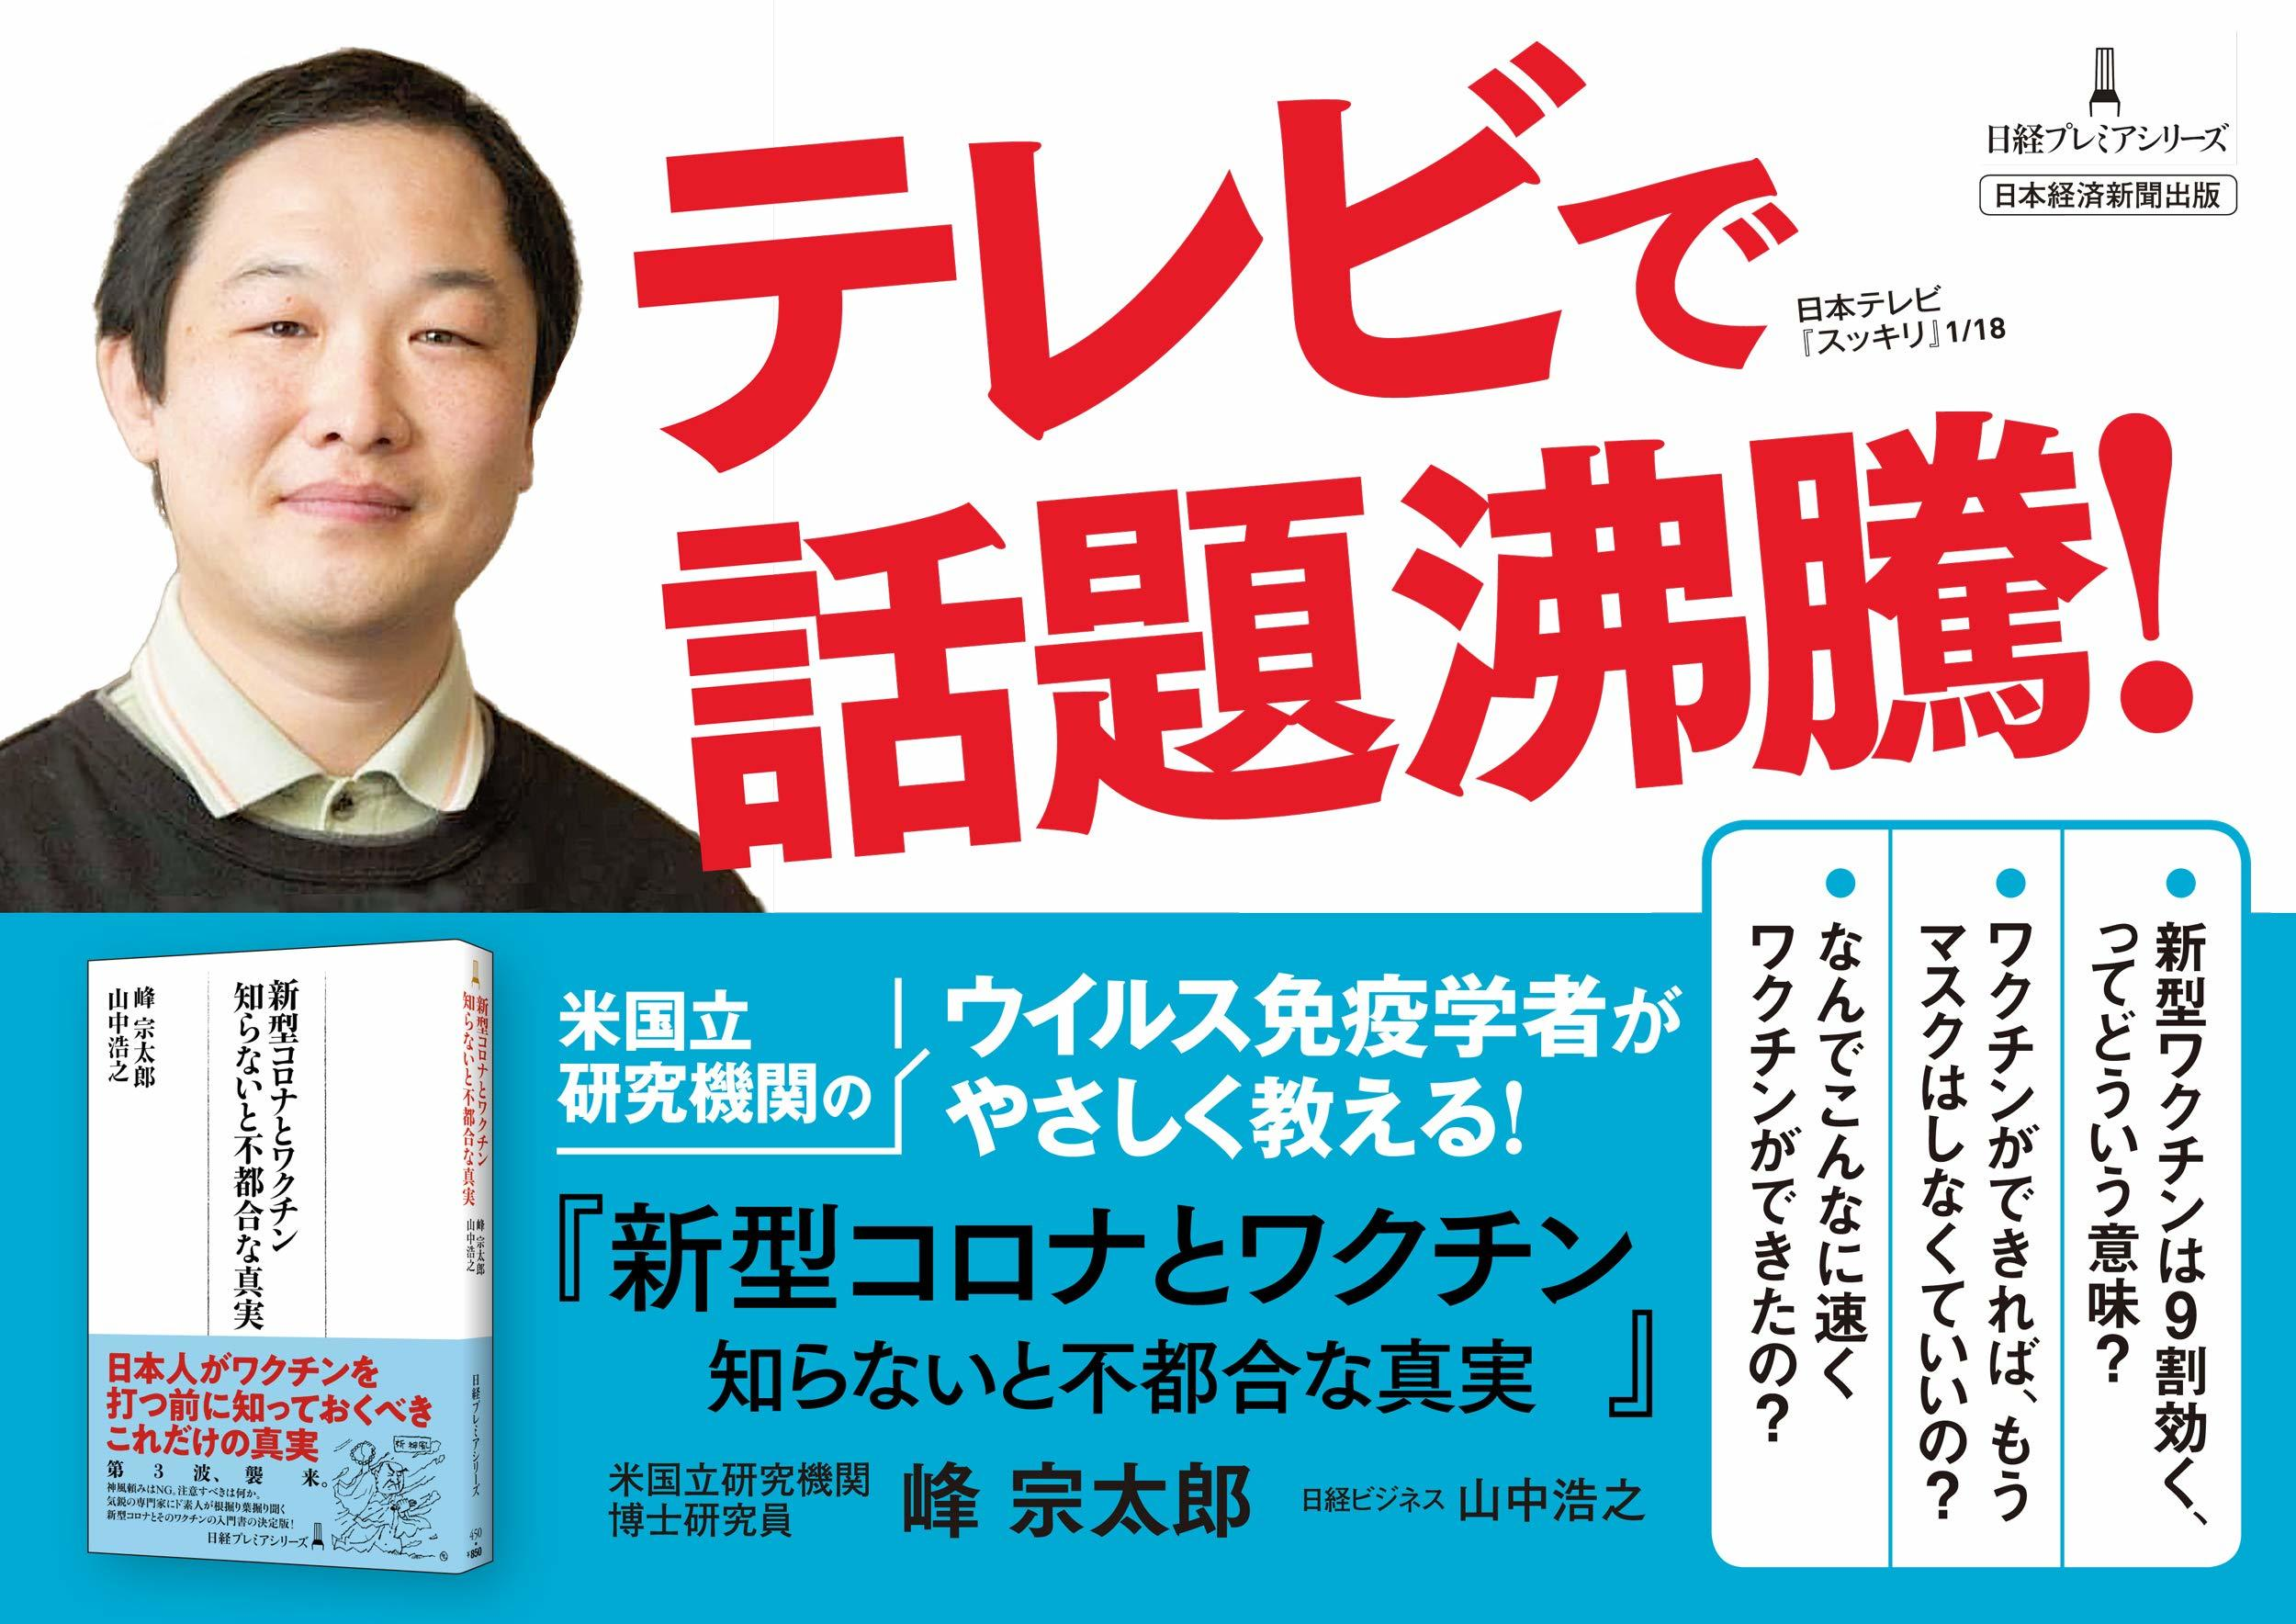 【超ド級:コロナ最新情報】日本での大量虐殺!WHOねつ造のパンデミック告発映画製作中!10年前アフリカで赤十字がワクチンを打って殺した「エボラの真相」!エボラやエイズ、ポリオもウイルスはなかった!_e0069900_15103490.jpg